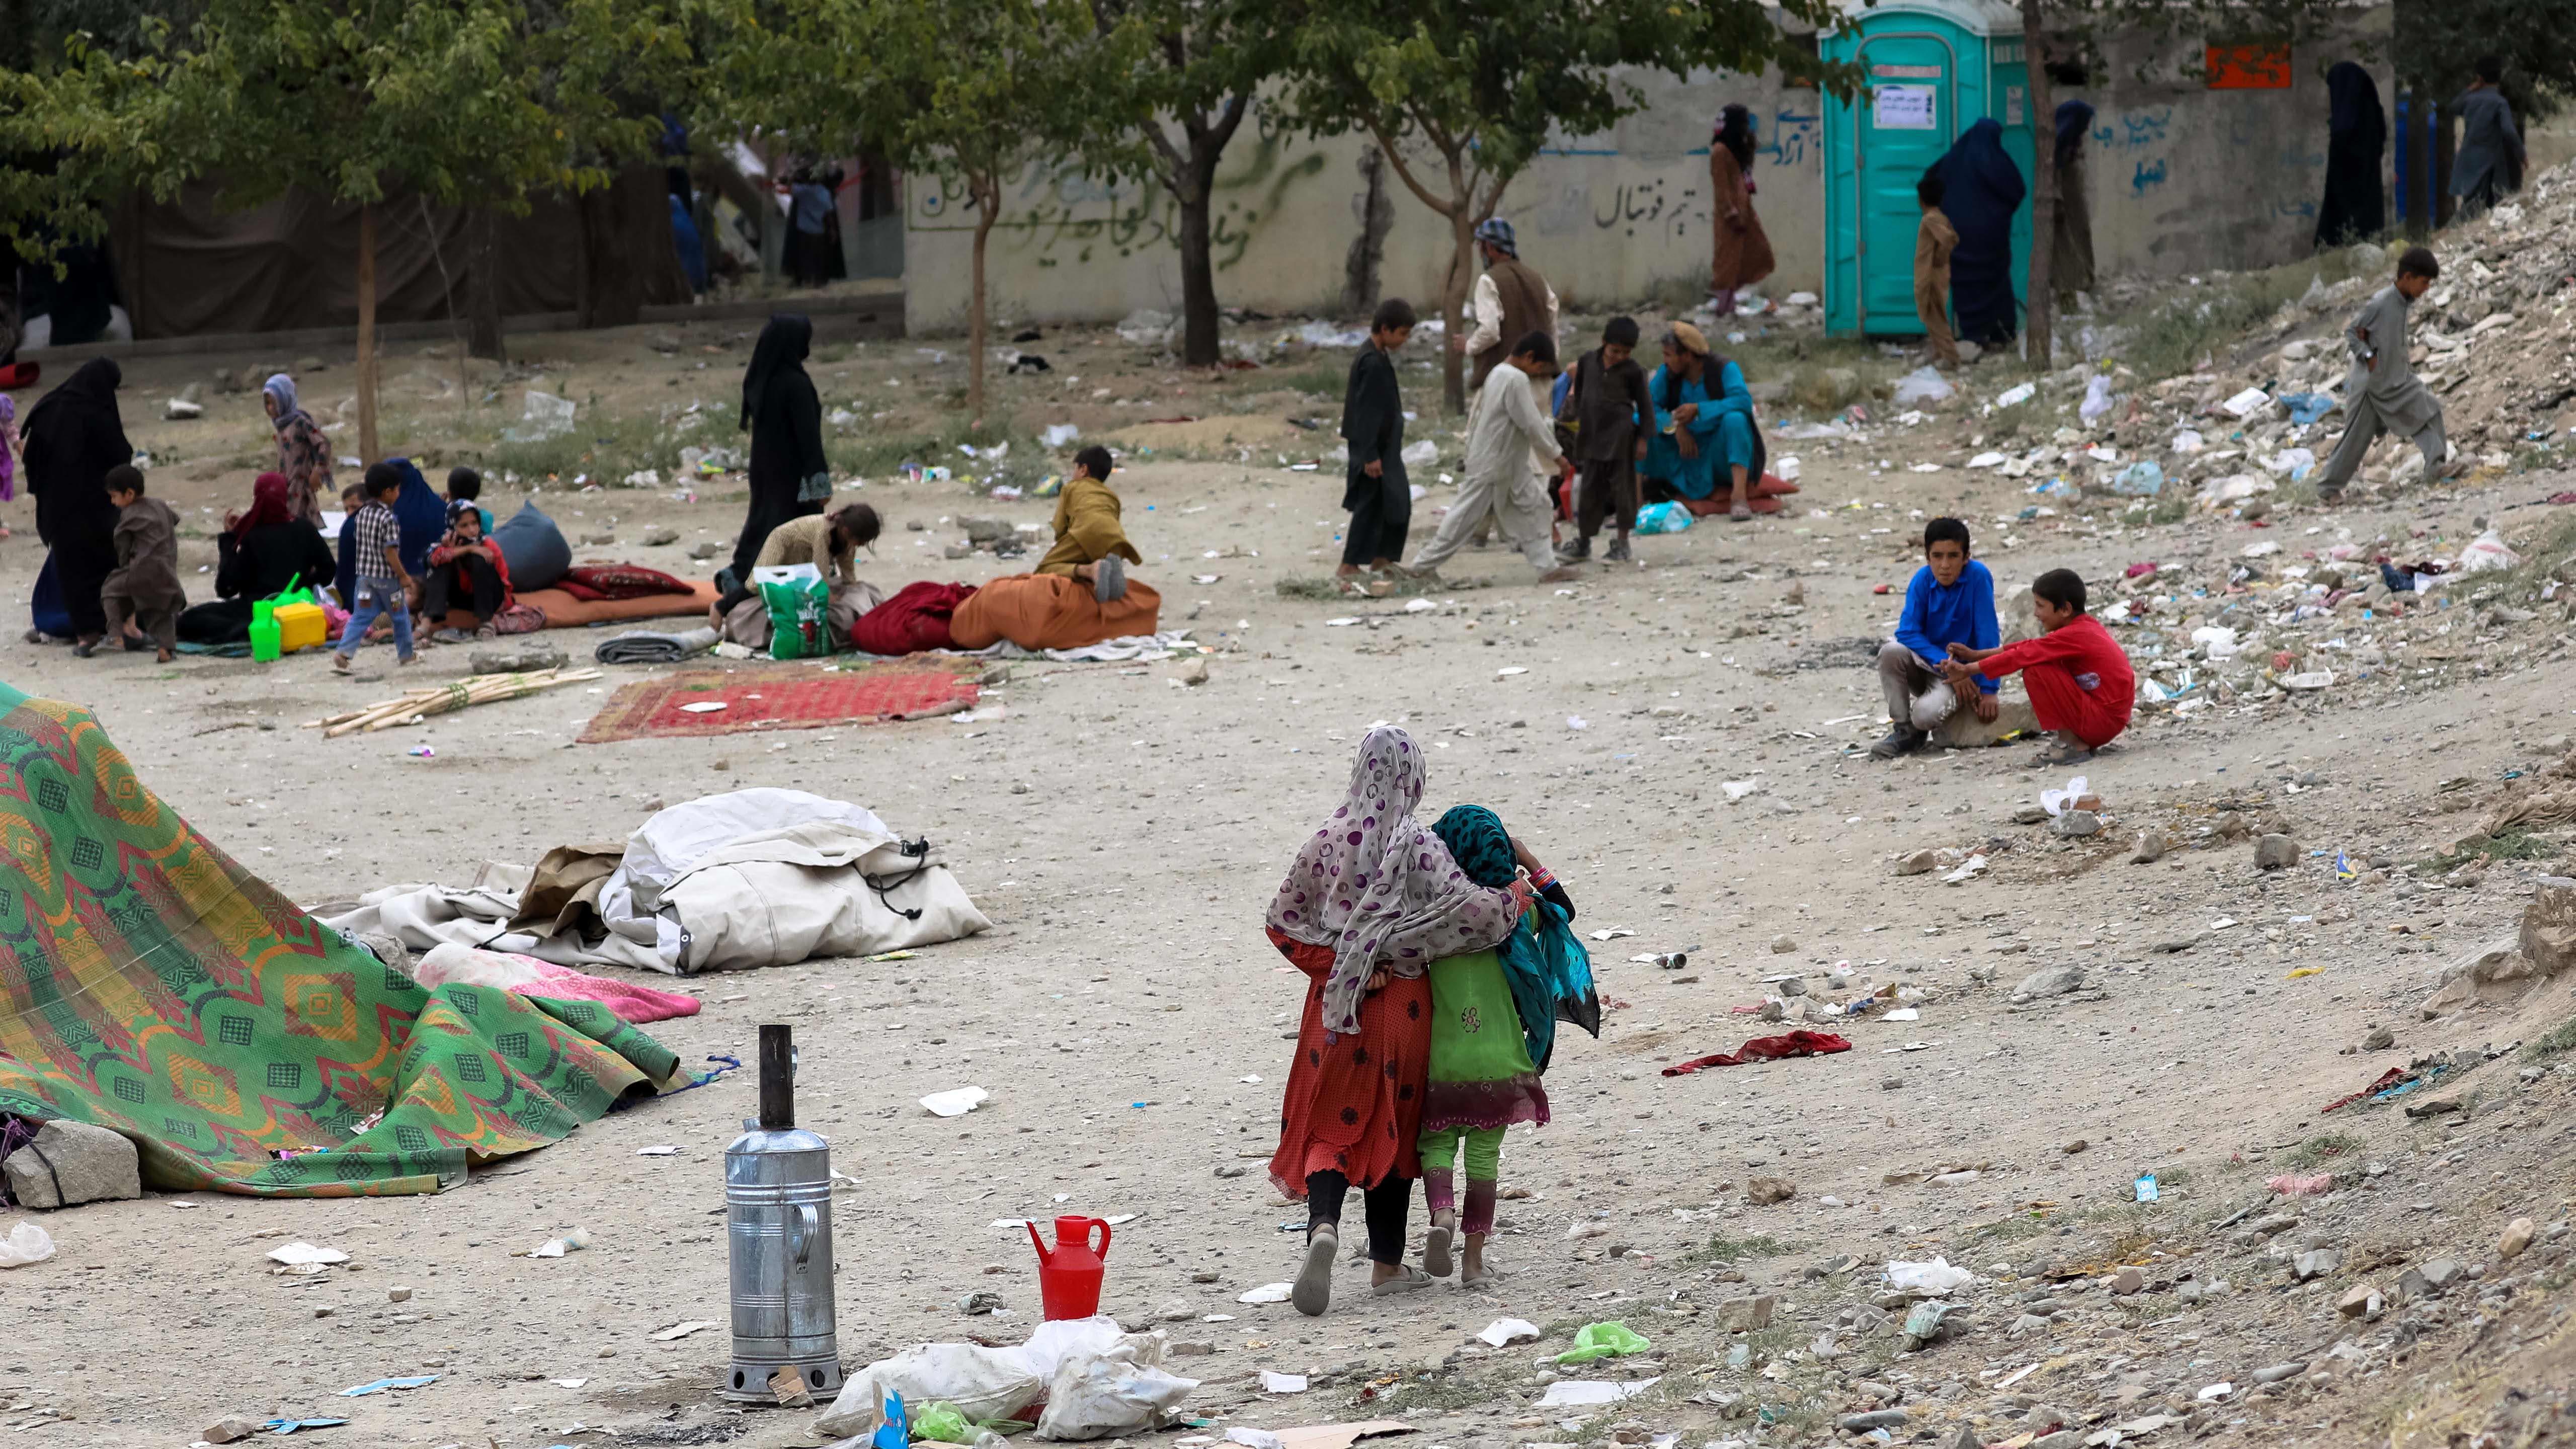 Maan pohjoisista osista Talibania paenneita perheitä leiriytyneenä puistoon Kabulissa, Afganistanissa 14. elokuuta 2021